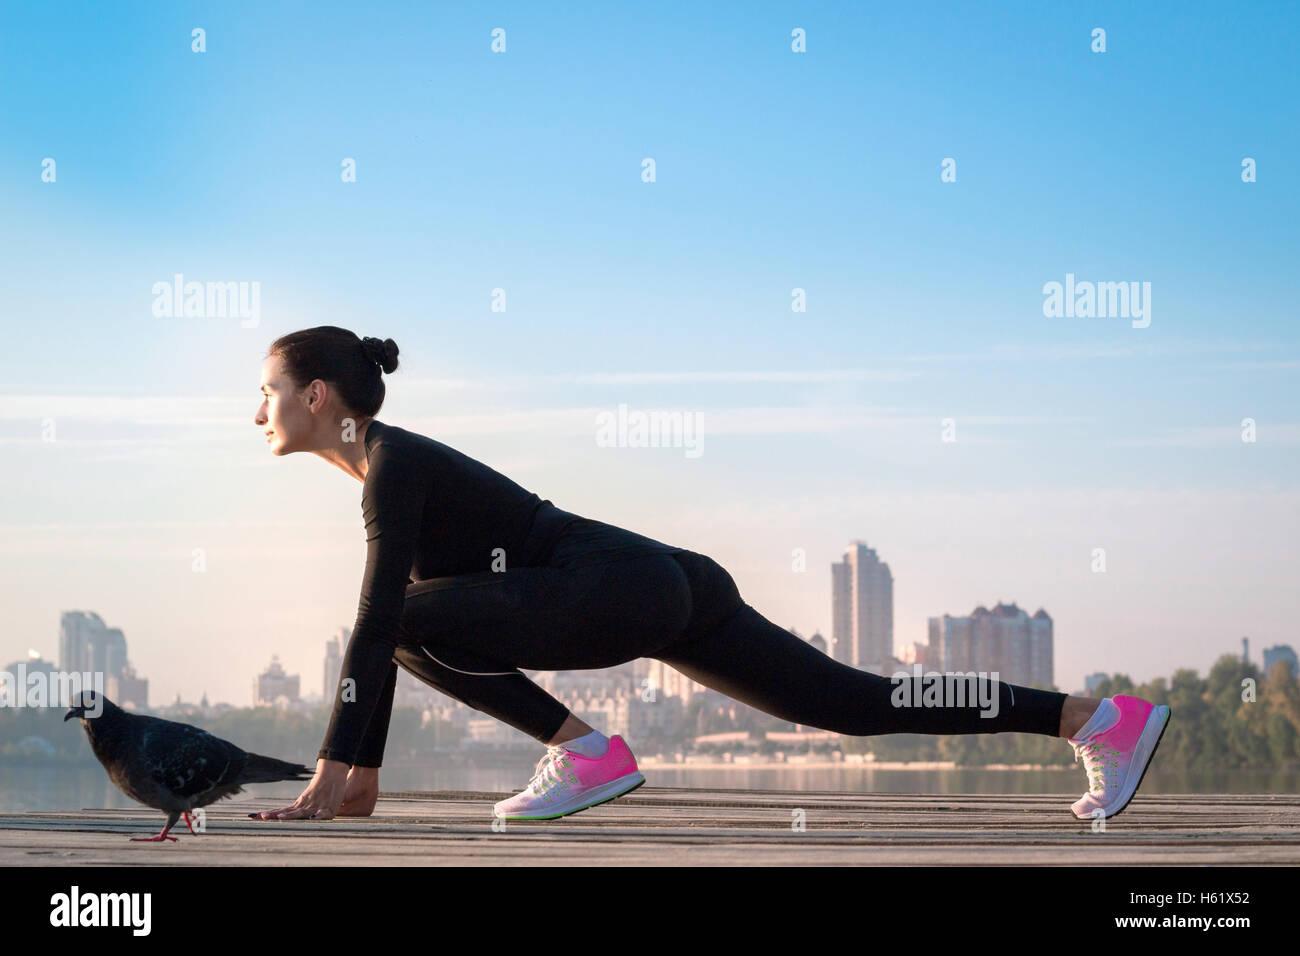 Jolie jeune femme fitness exercices sur pier pendant matin Entraînement Entraînement sportif Photo Stock